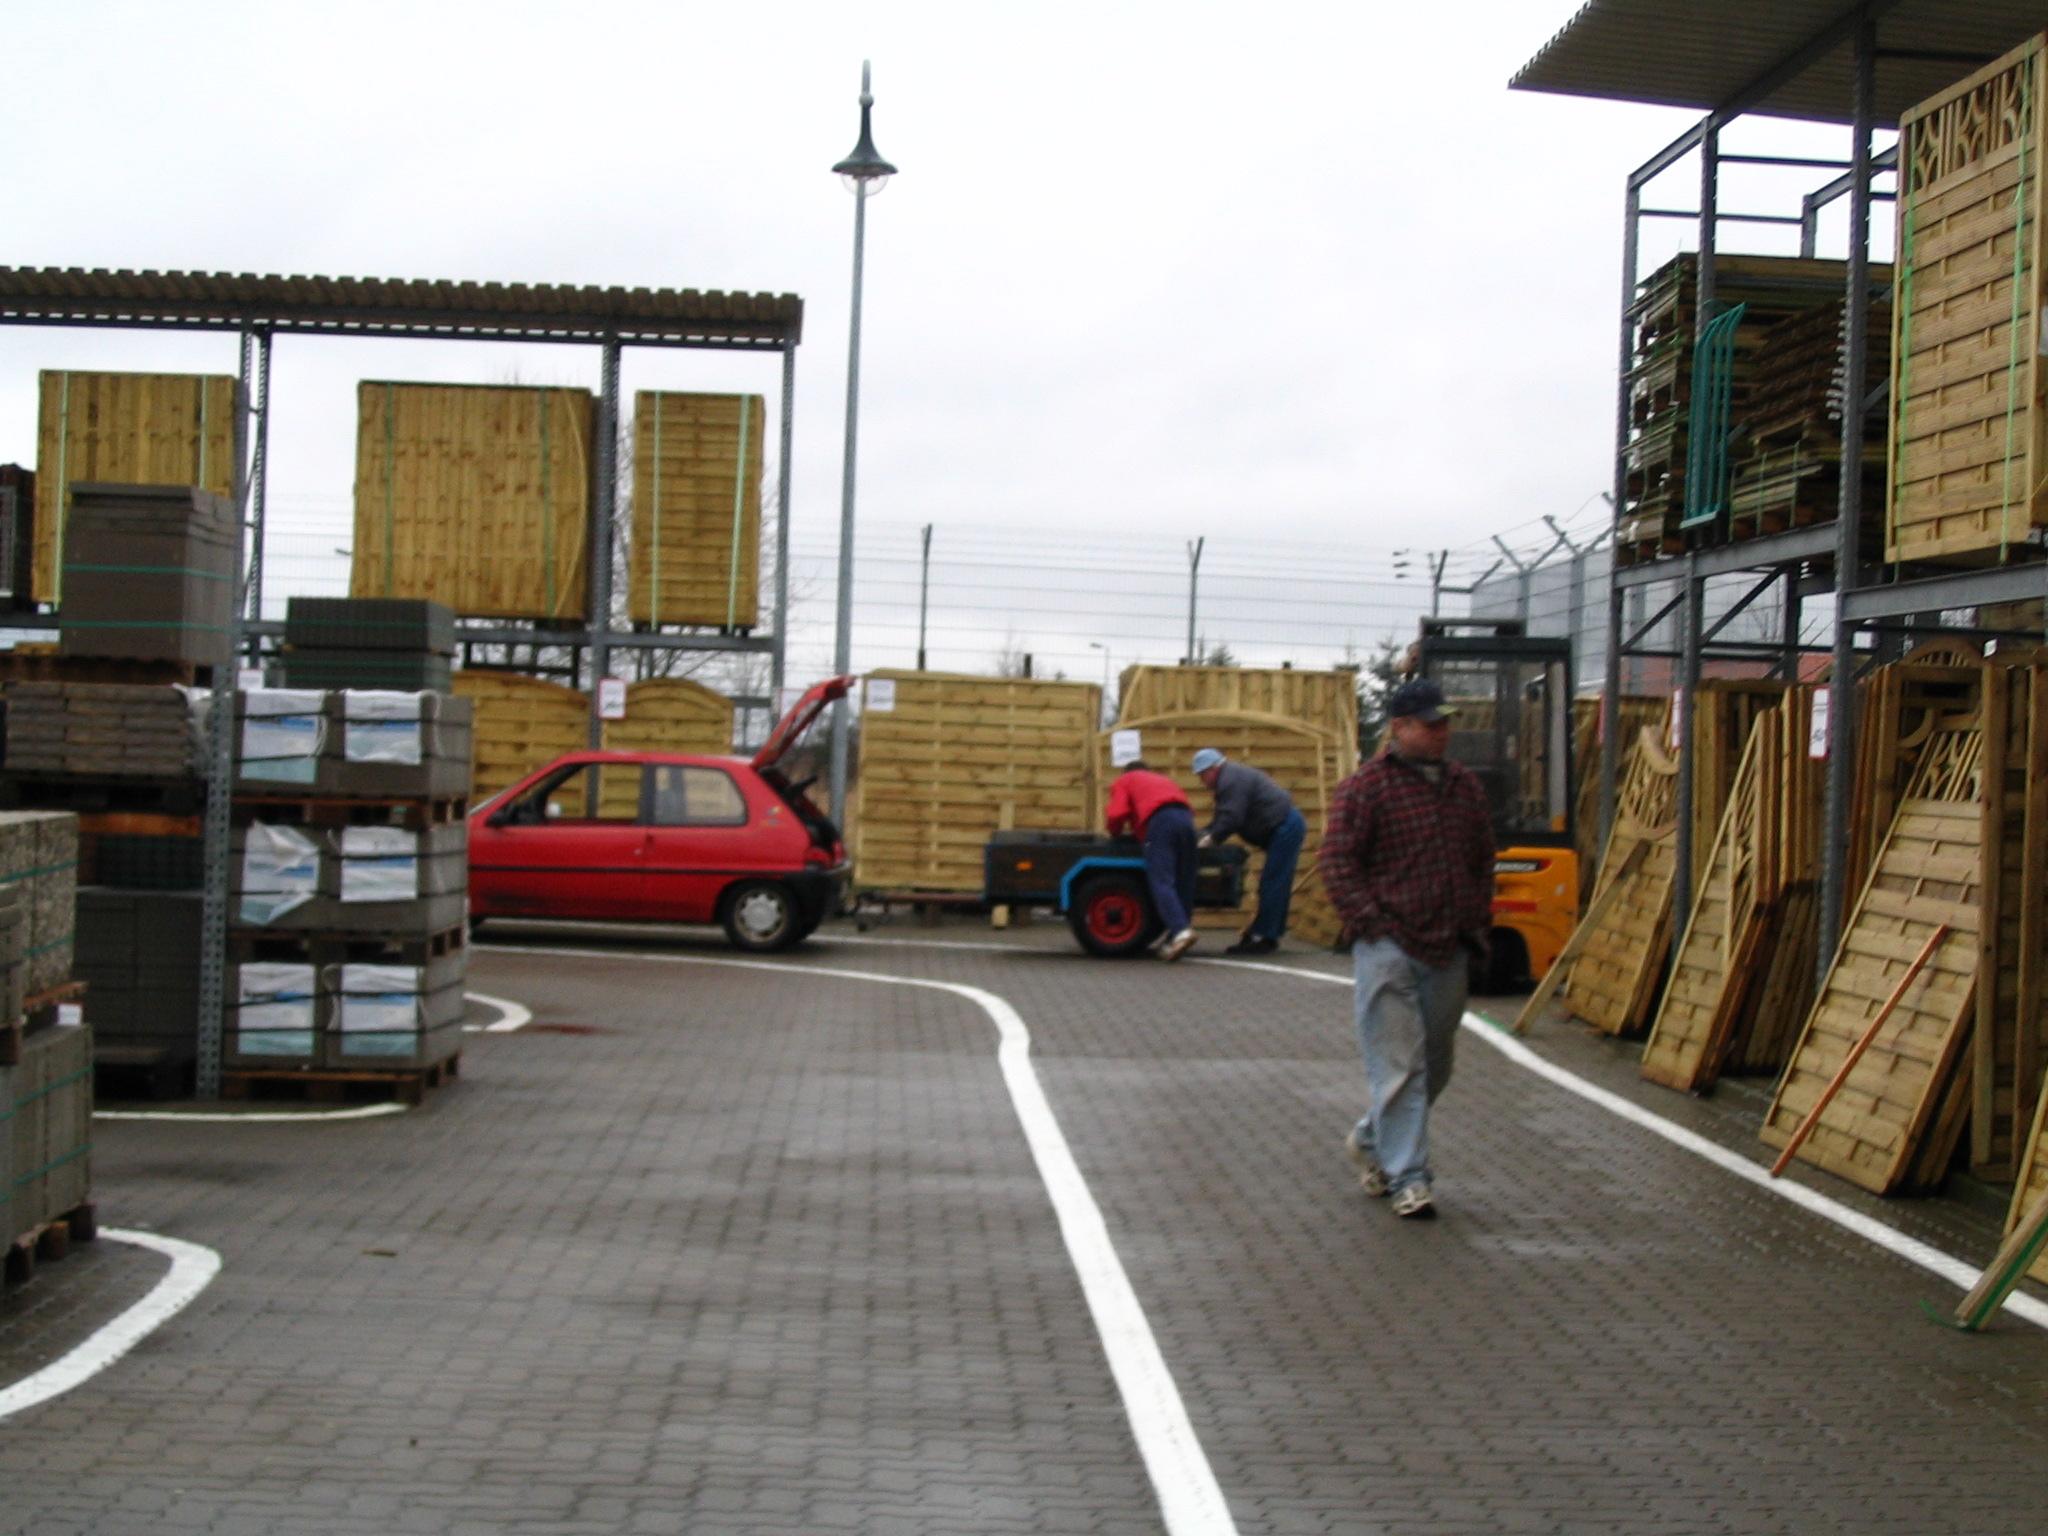 Drive In im hagebaumarkt wittstock  Hass+Hatje GmbH